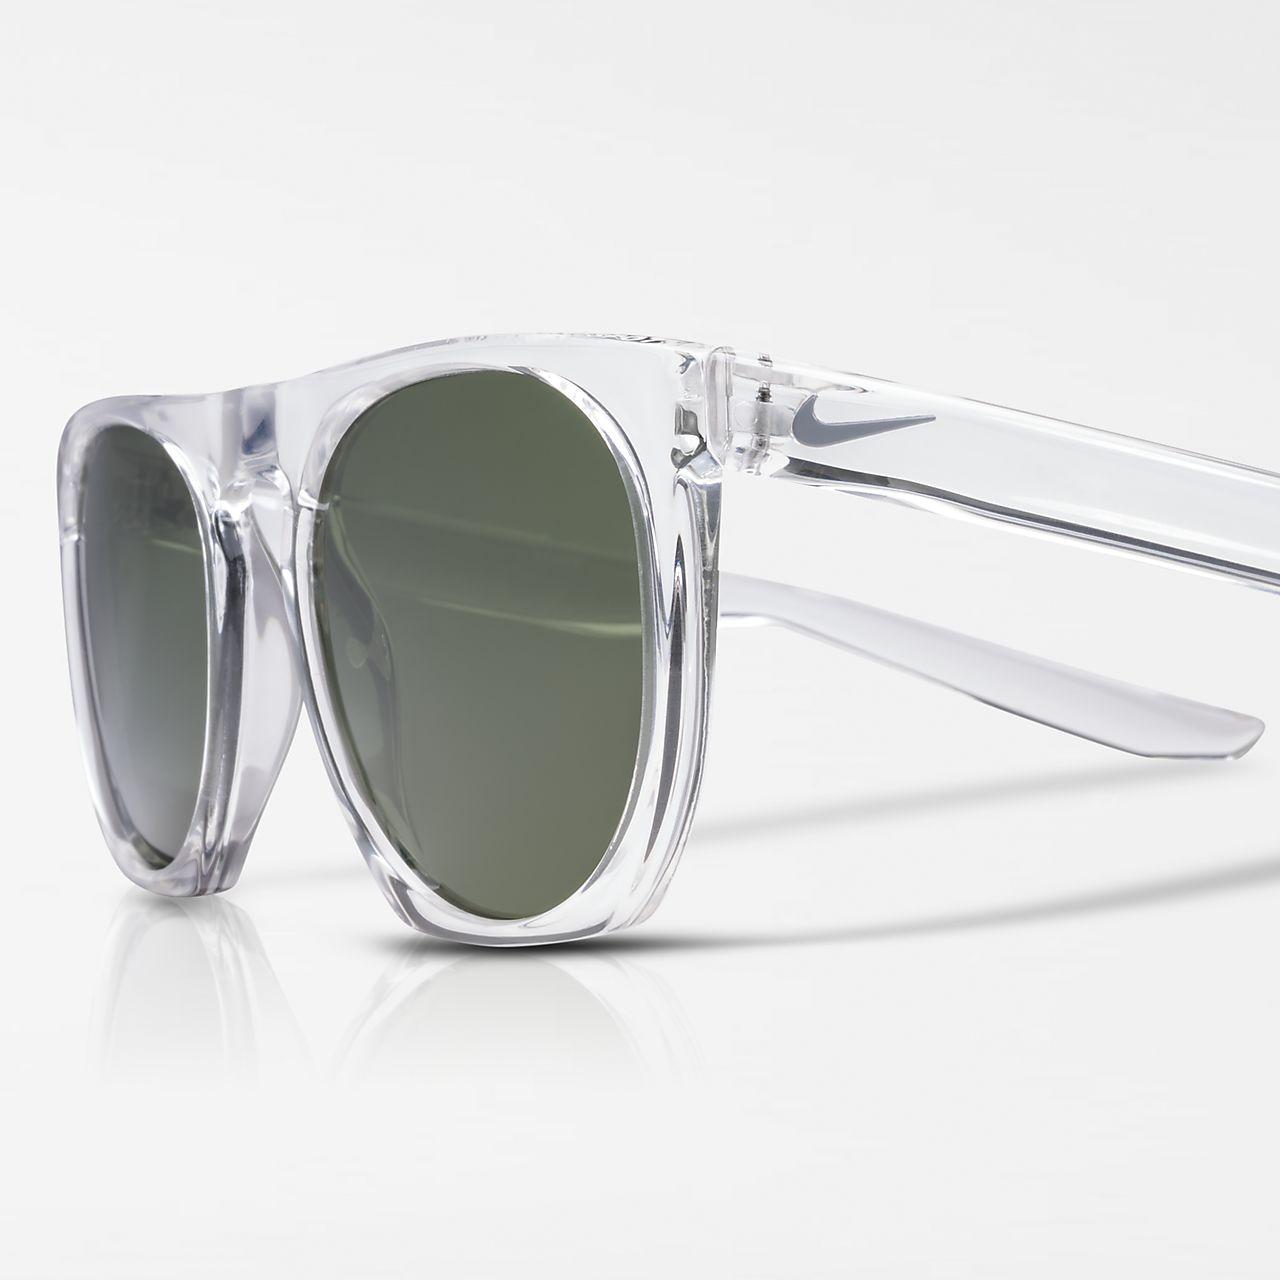 3b78009903e80 Óculos de sol Nike Flatspot. Nike.com PT